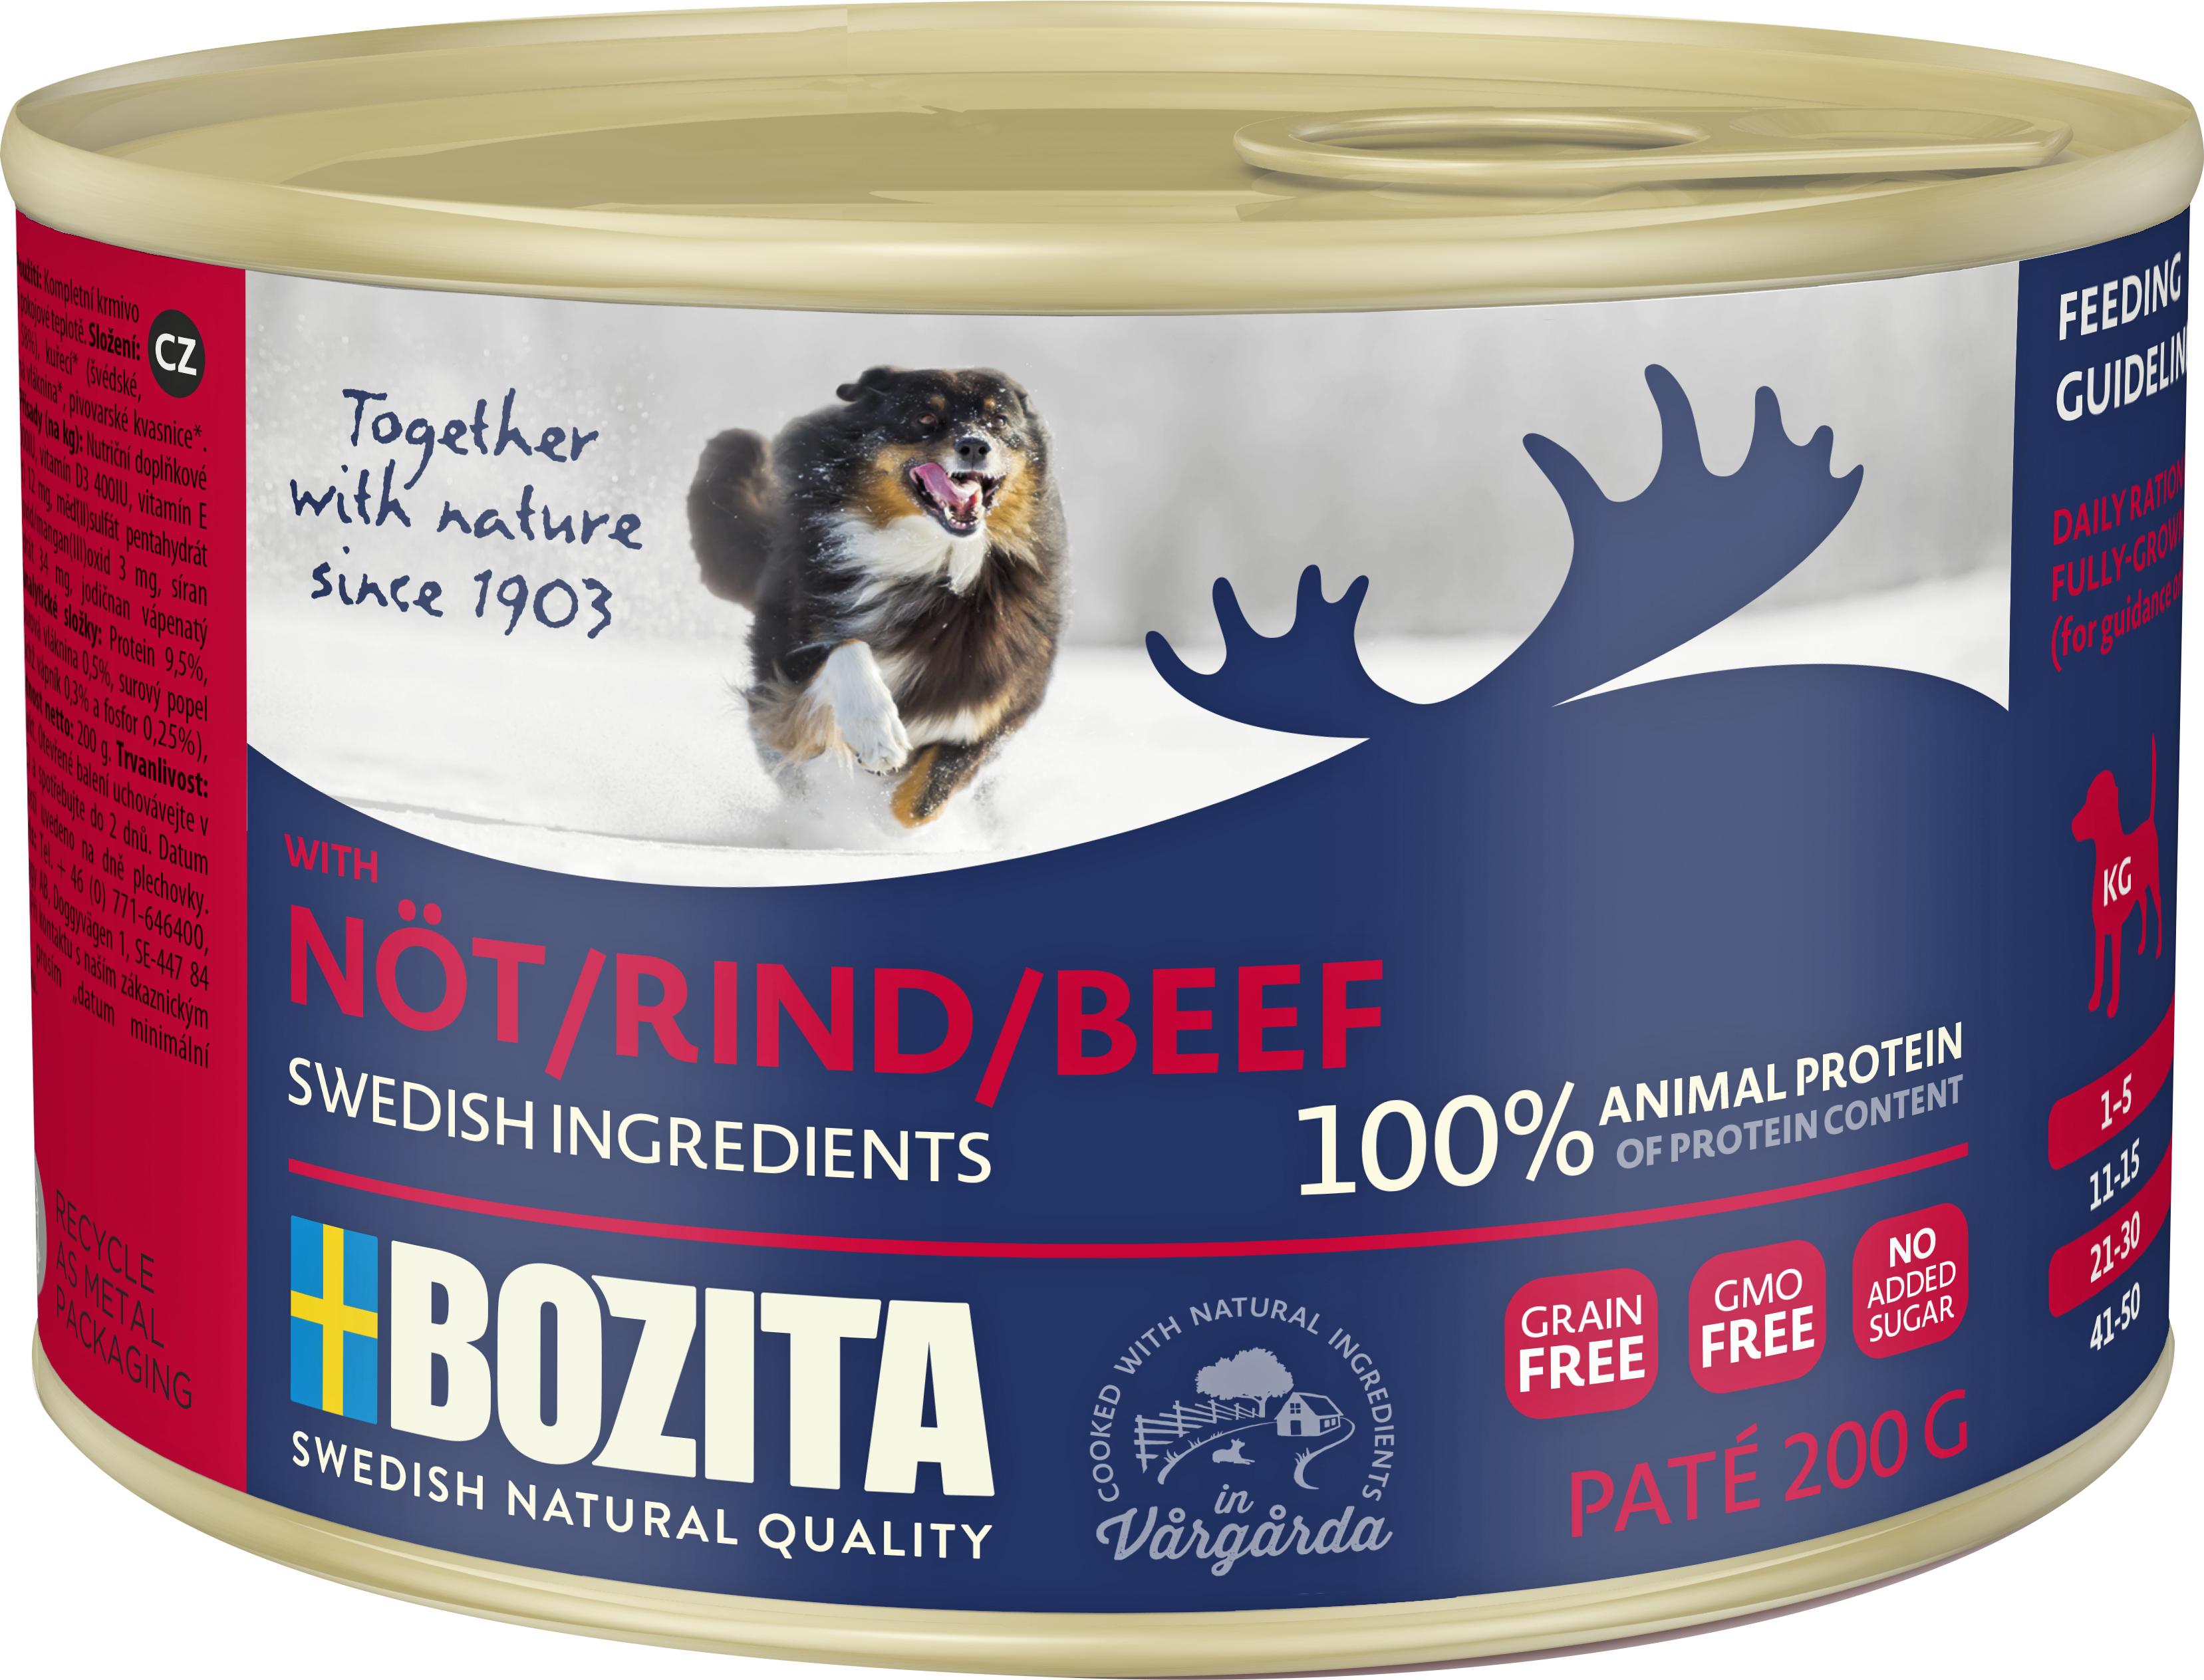 Hundfoder Bozita Nöt Konserv 200 gram